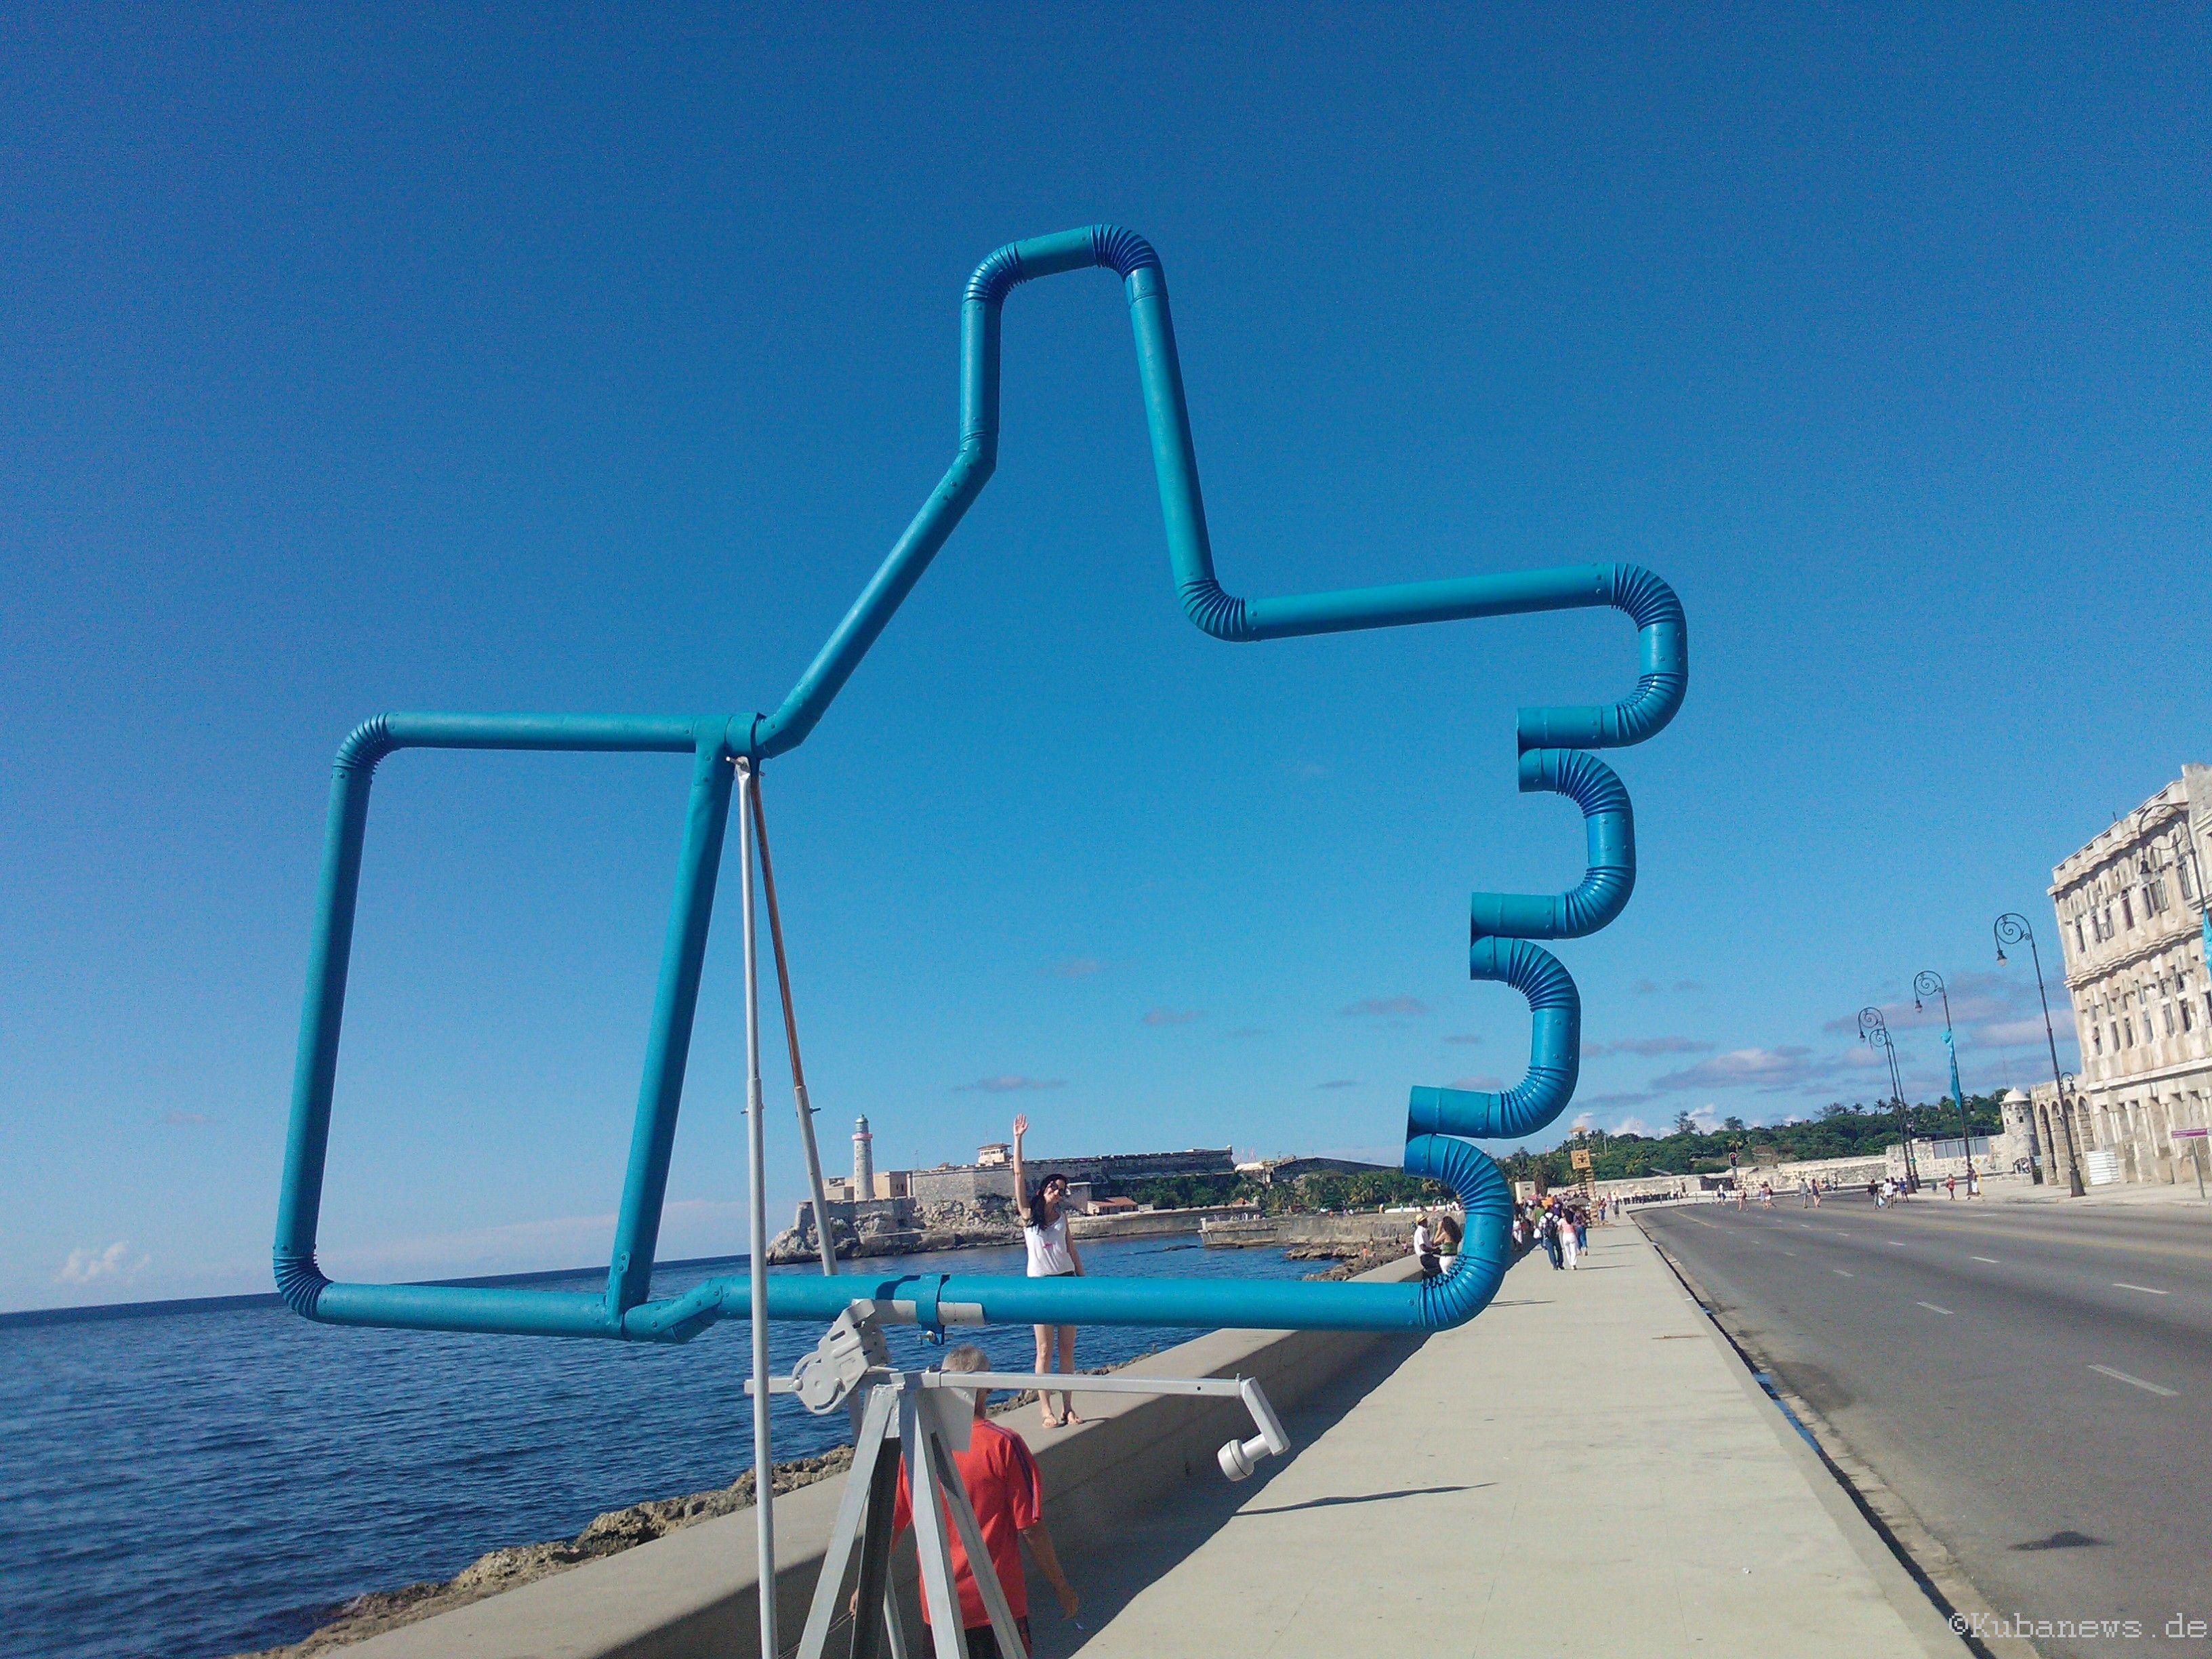 Sommer in Havanna – ich wär so gerne an der Ostsee!